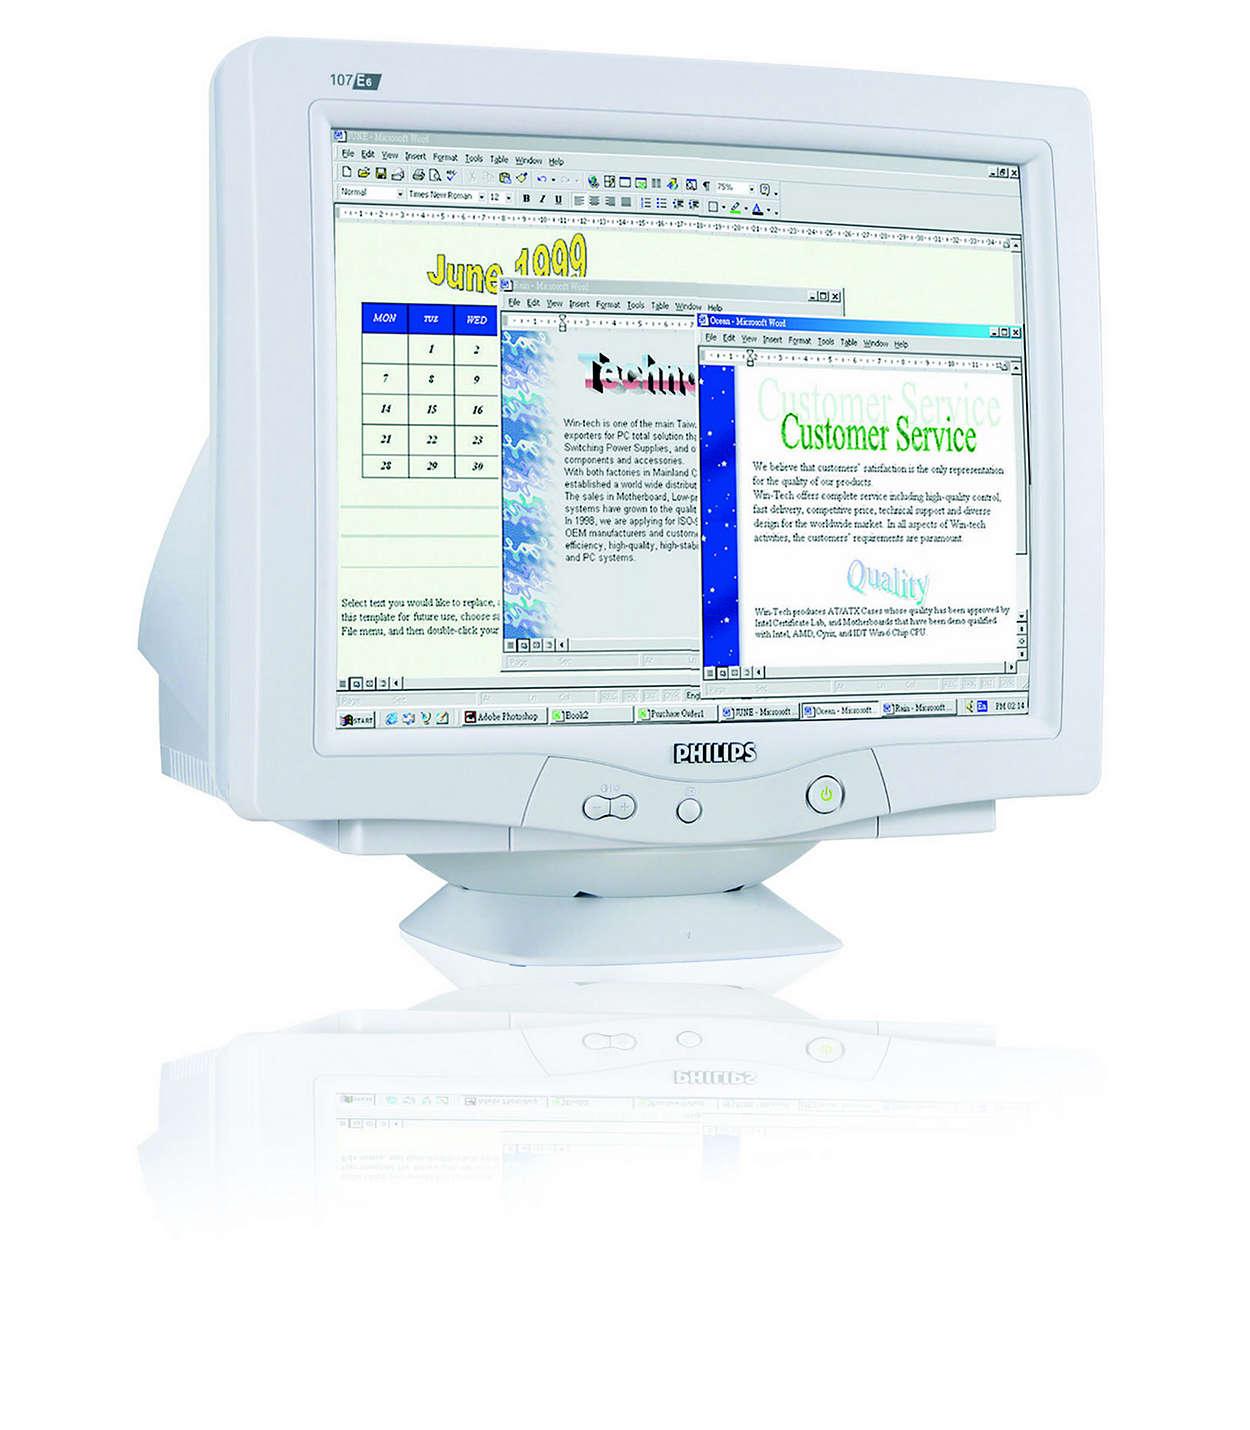 數位化 CRT、高質感無鉛設計